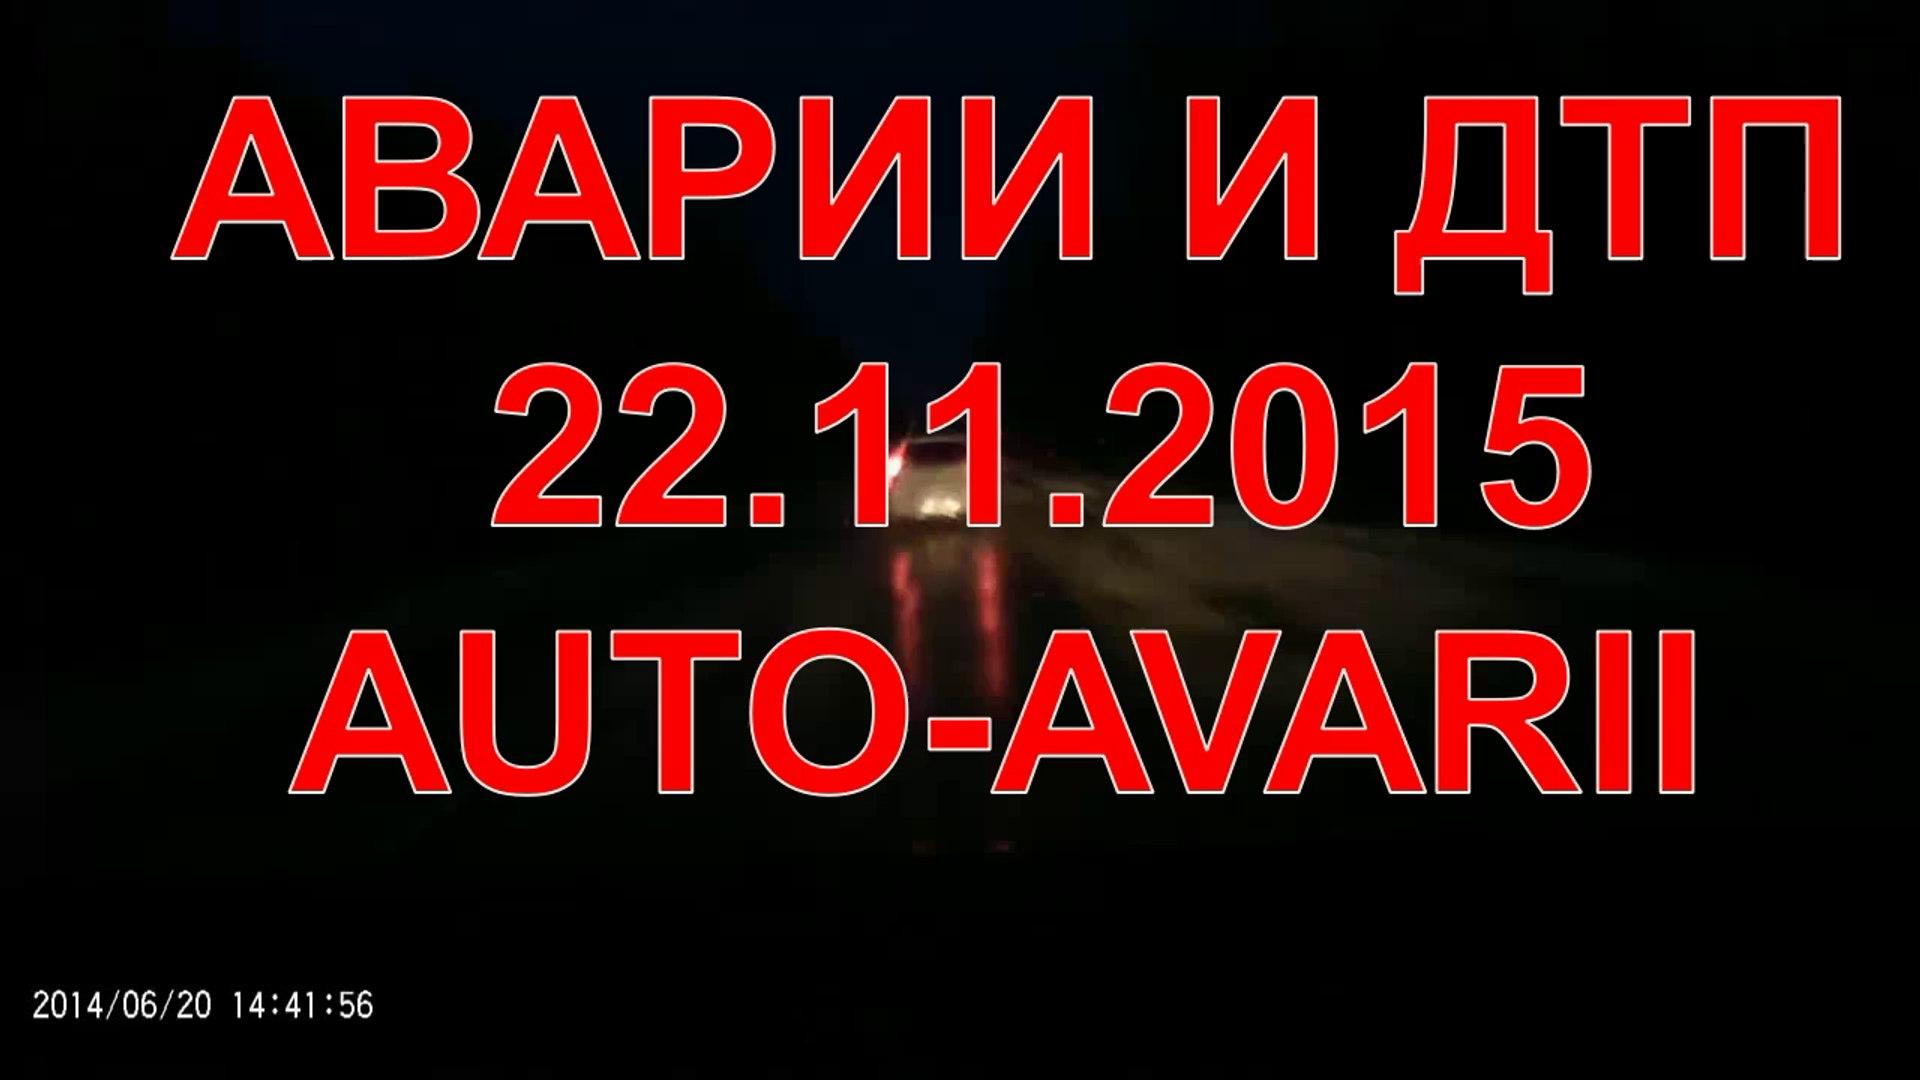 АВАРИИ,ДТП,ВИДЕО ПОДБОРКА НОЯБРЬ 2015 #45